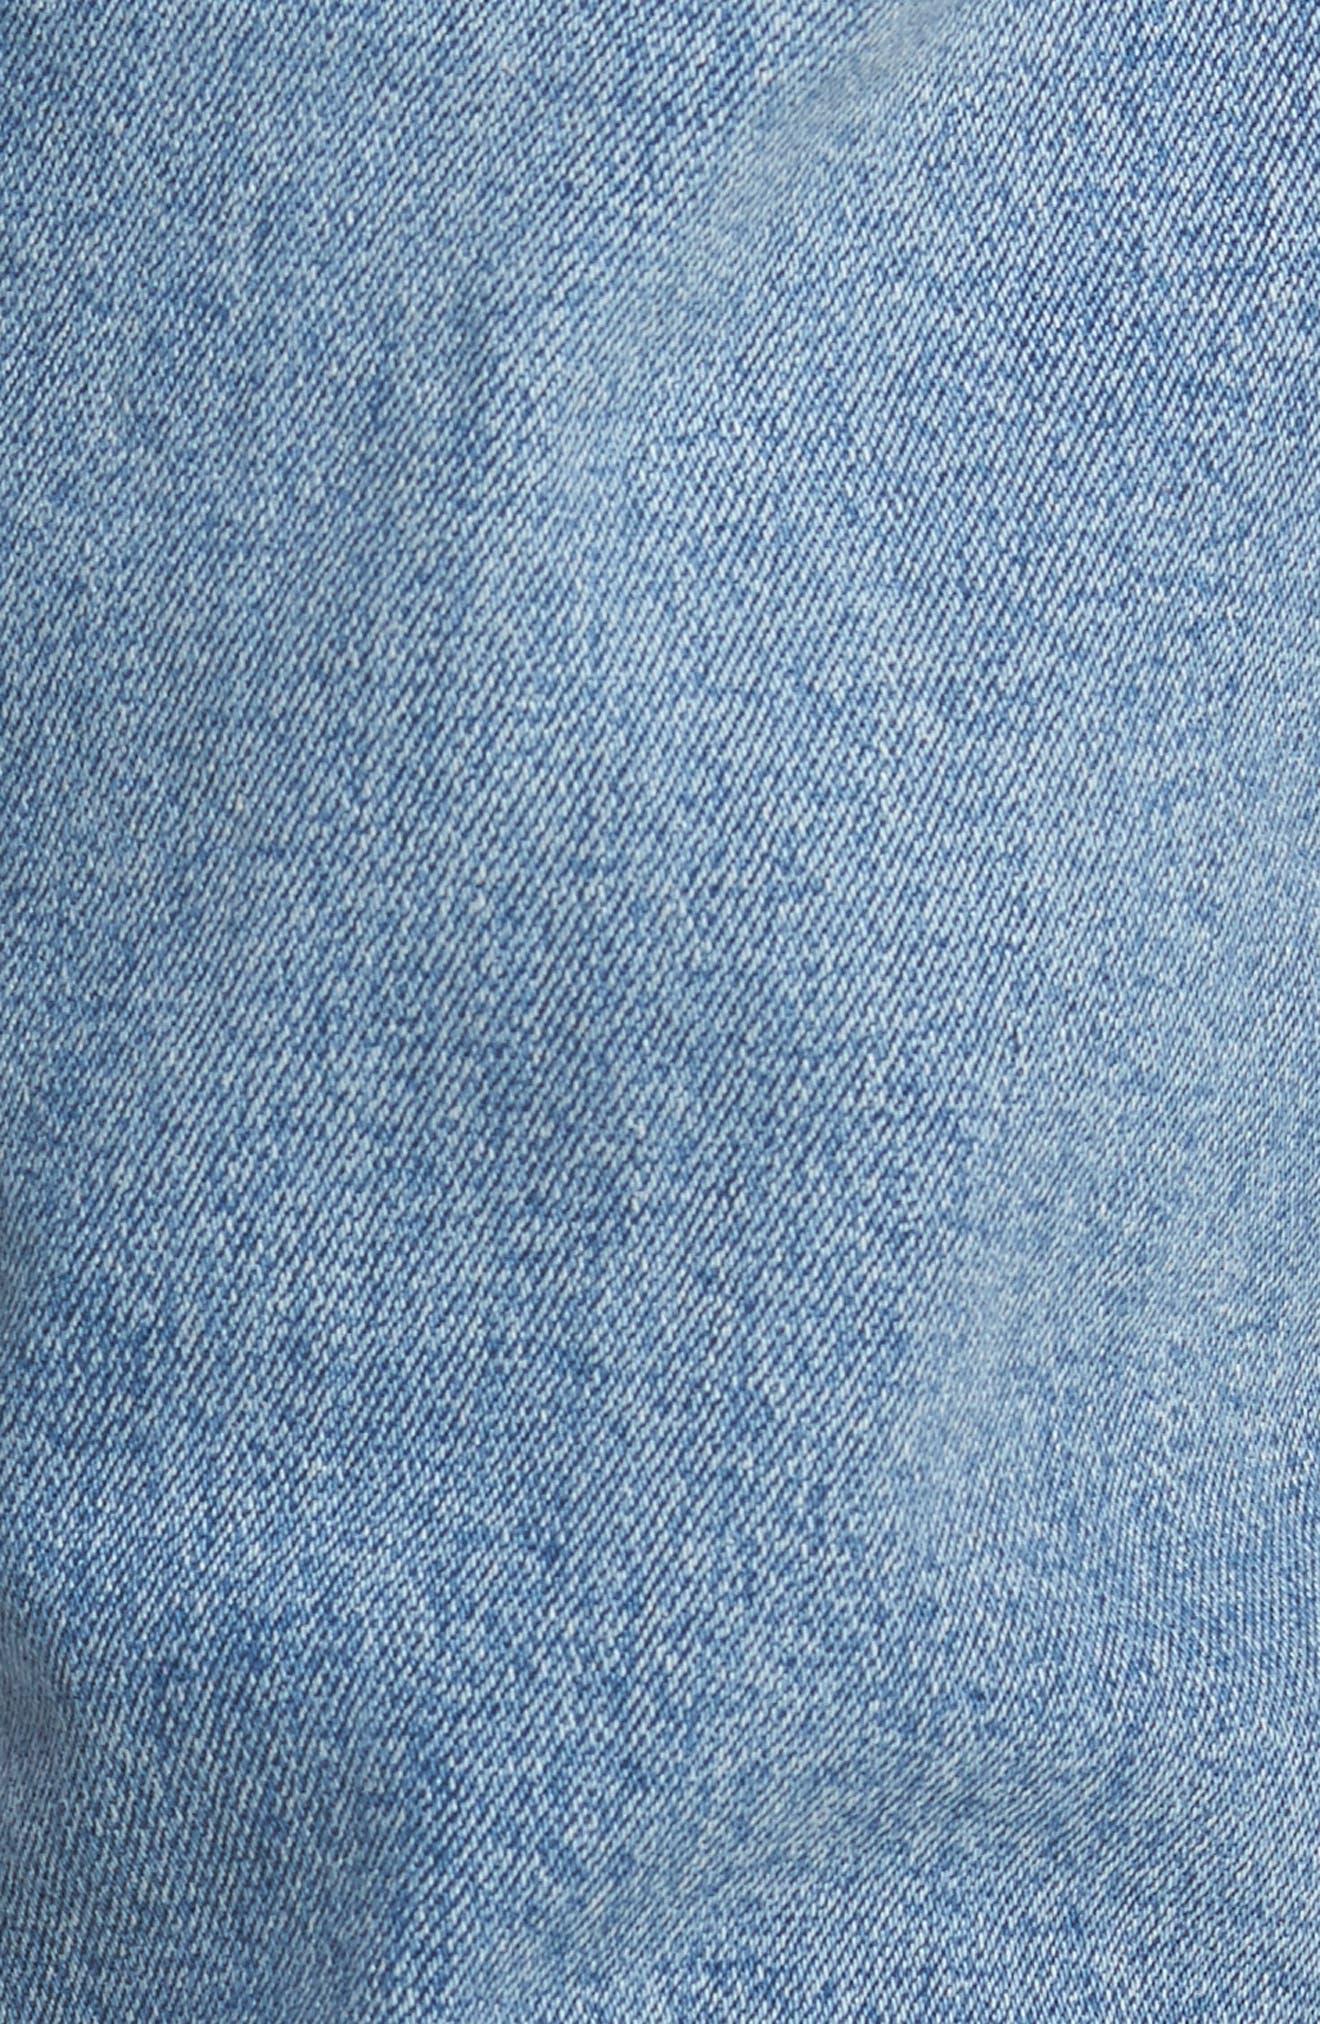 Alternate Image 5  - Dr. Denim Supply Co. Clark Slim Straight Leg Jeans (Worn Light Retro)